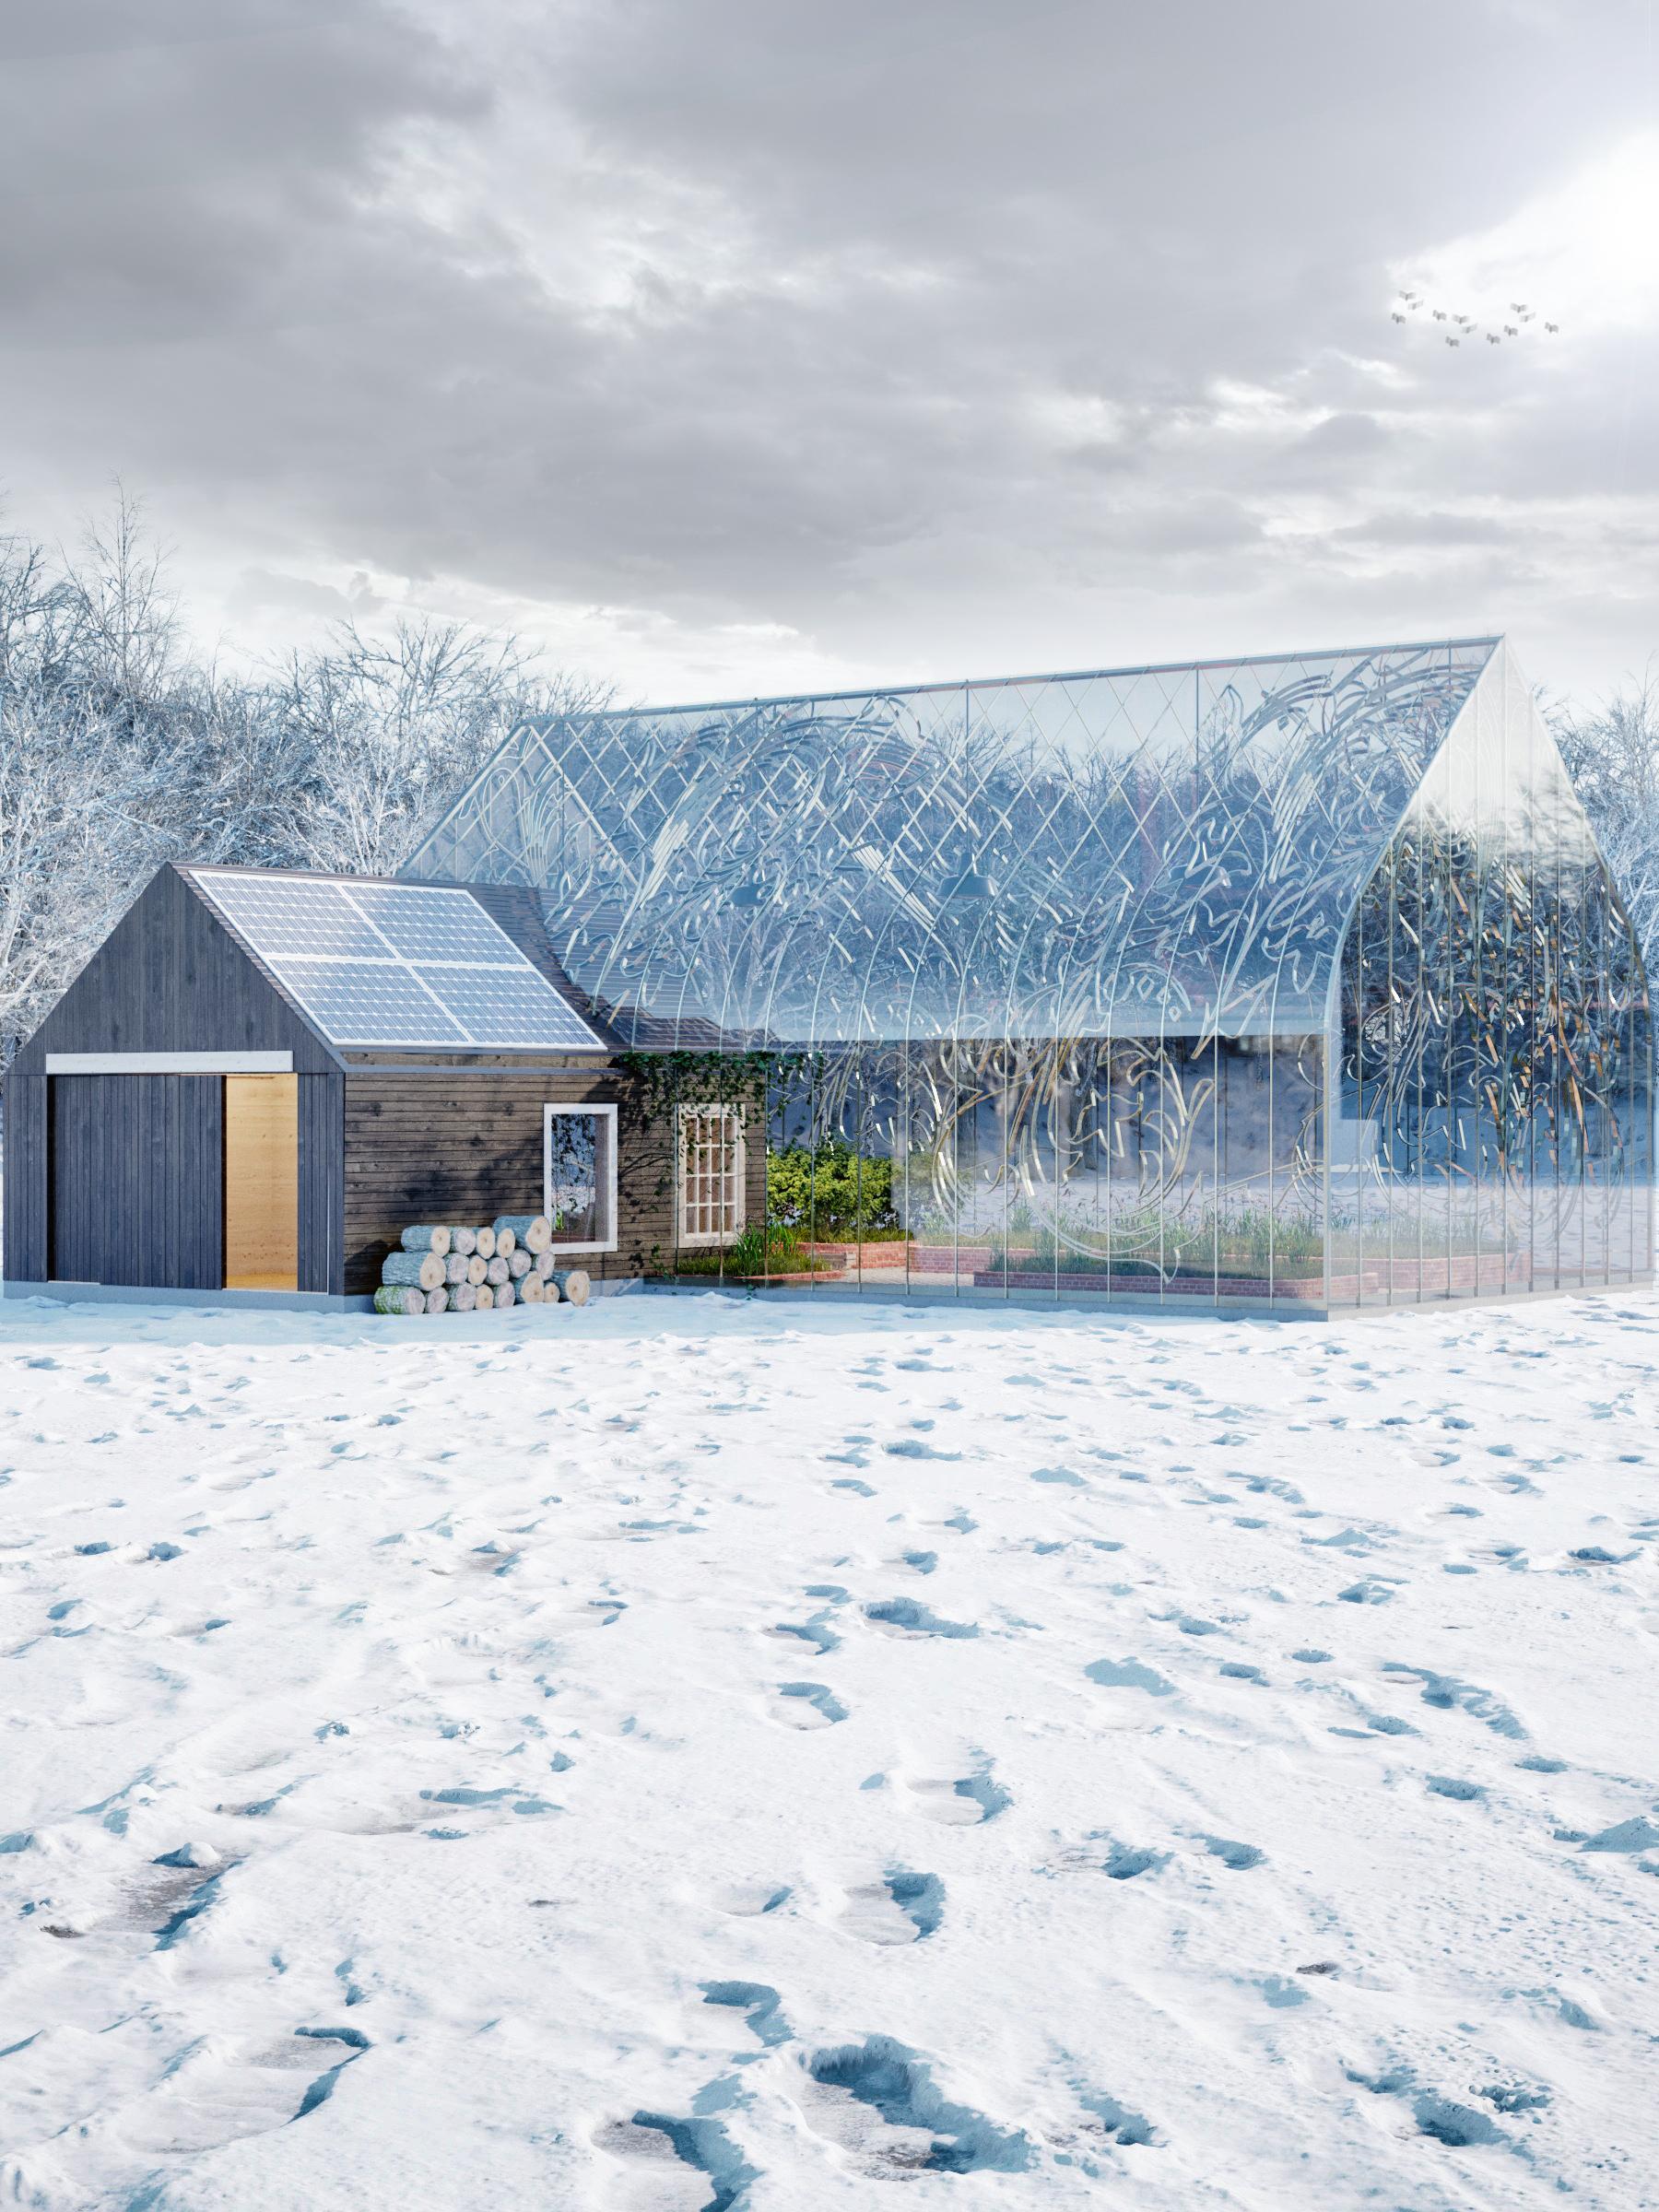 Exterior_02_Winter.JPG